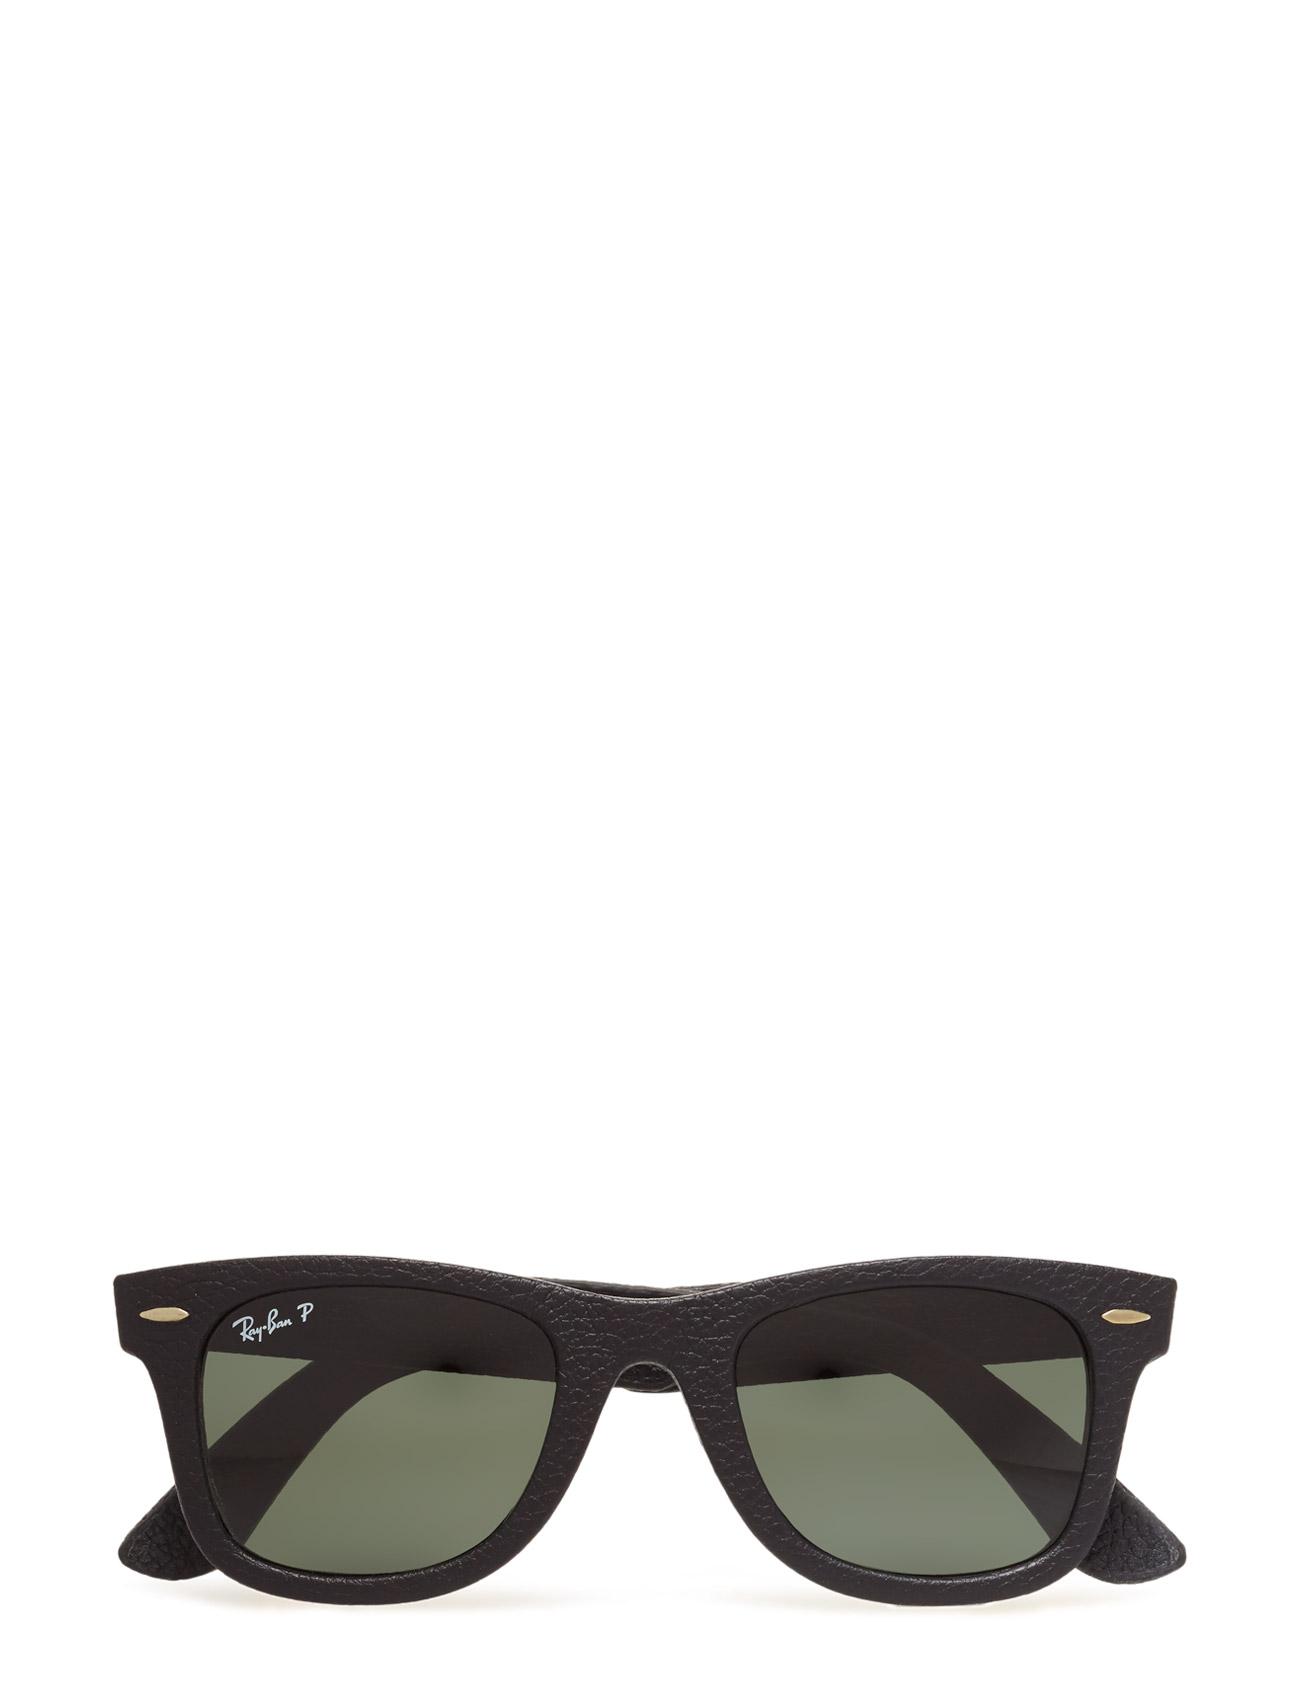 Wayfarer Leather Ray-Ban Solbriller til Herrer i